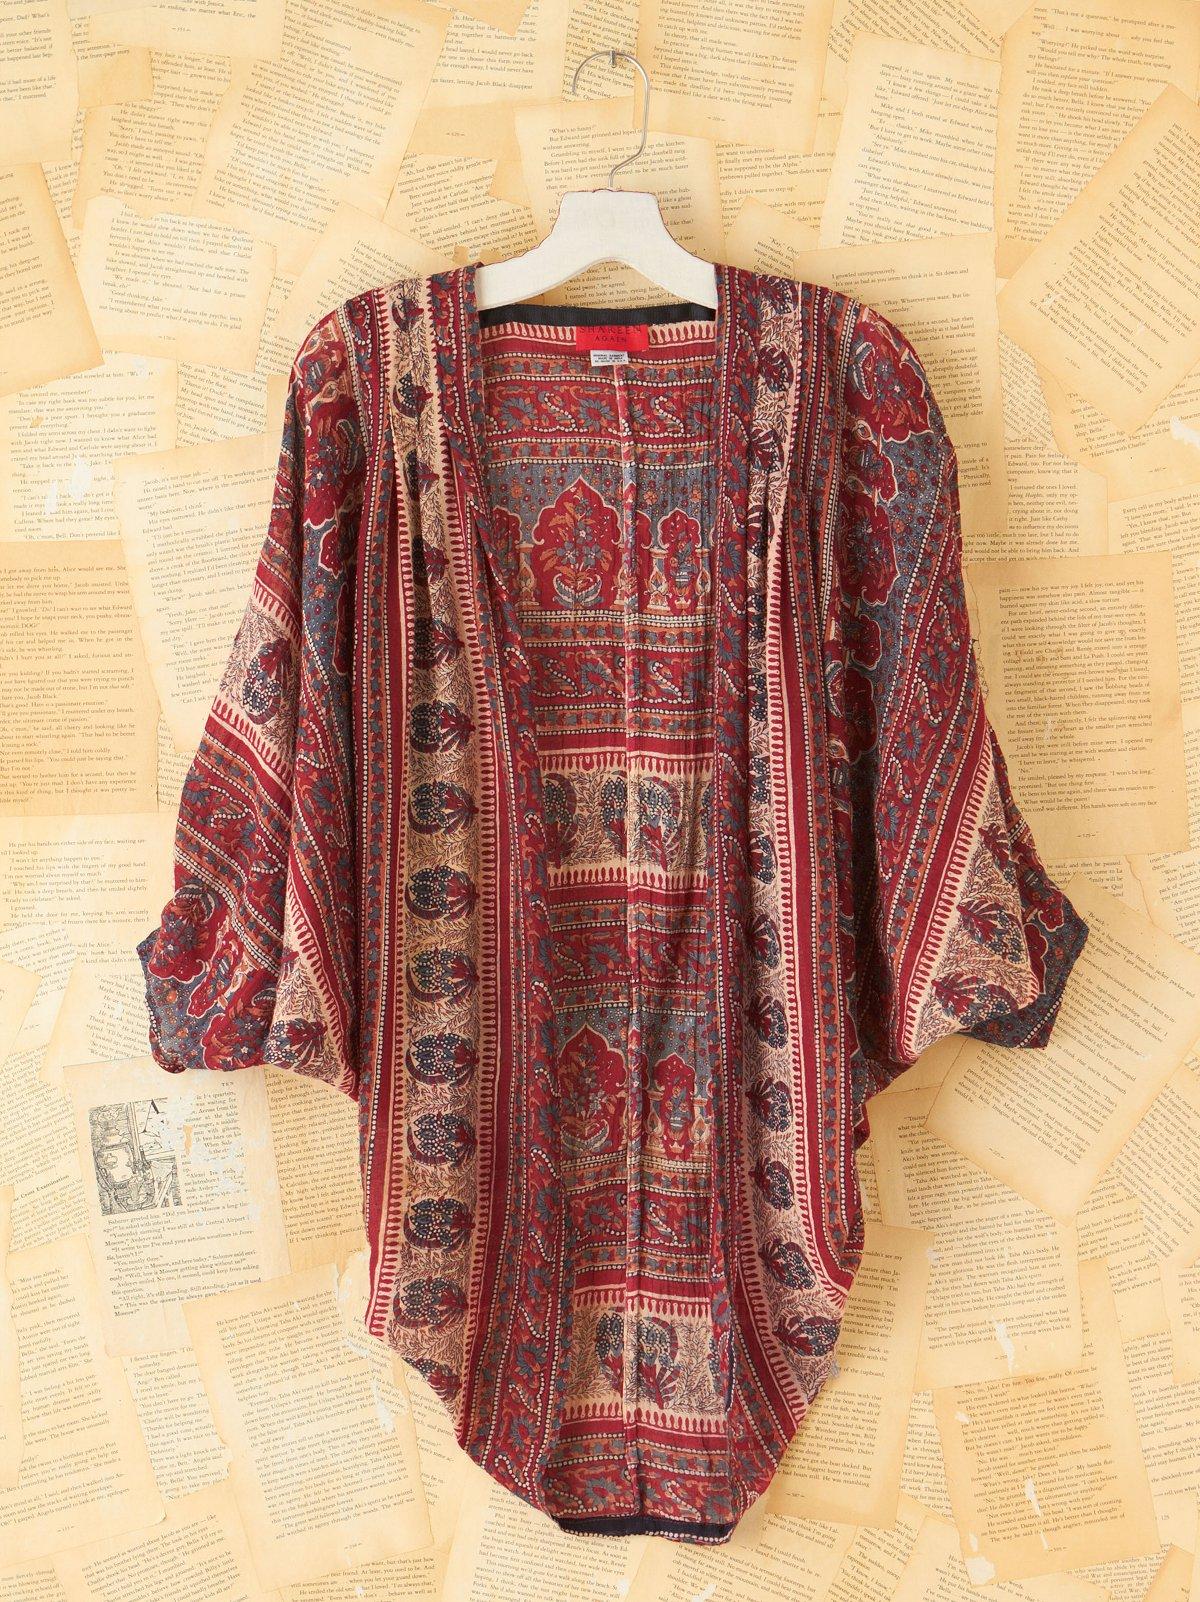 Vintage Patterned Circle Cardigan Shawl